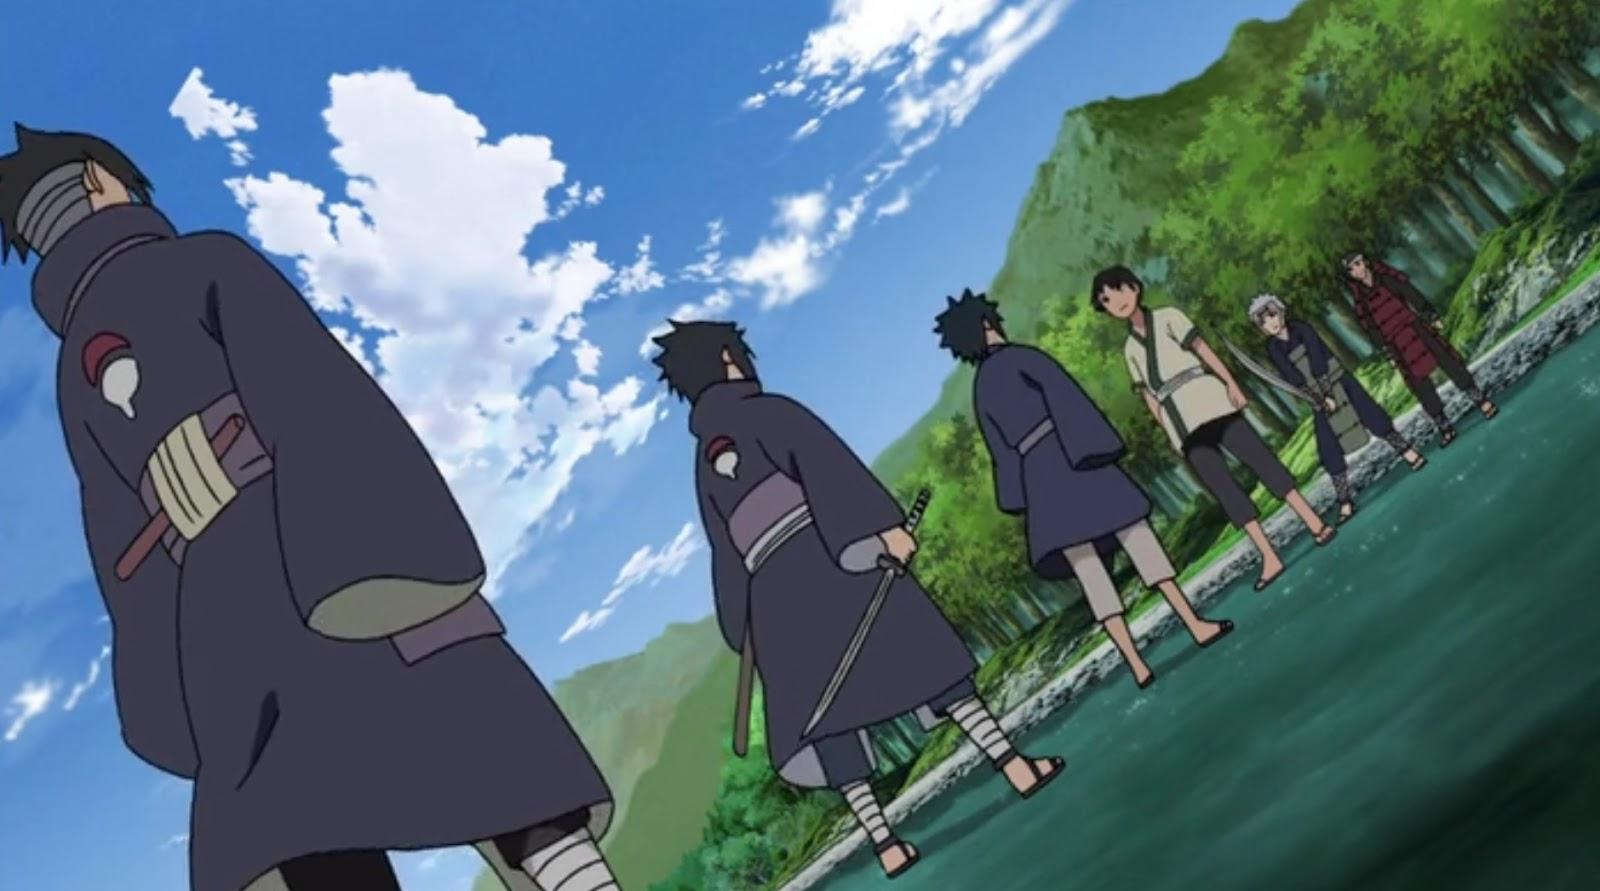 Naruto Shippuden Episódio 368, Assistir Naruto Shippuden Episódio 368, Assistir Naruto Shippuden Todos os Episódios Legendado, Naruto Shippuden episódio 368,HD